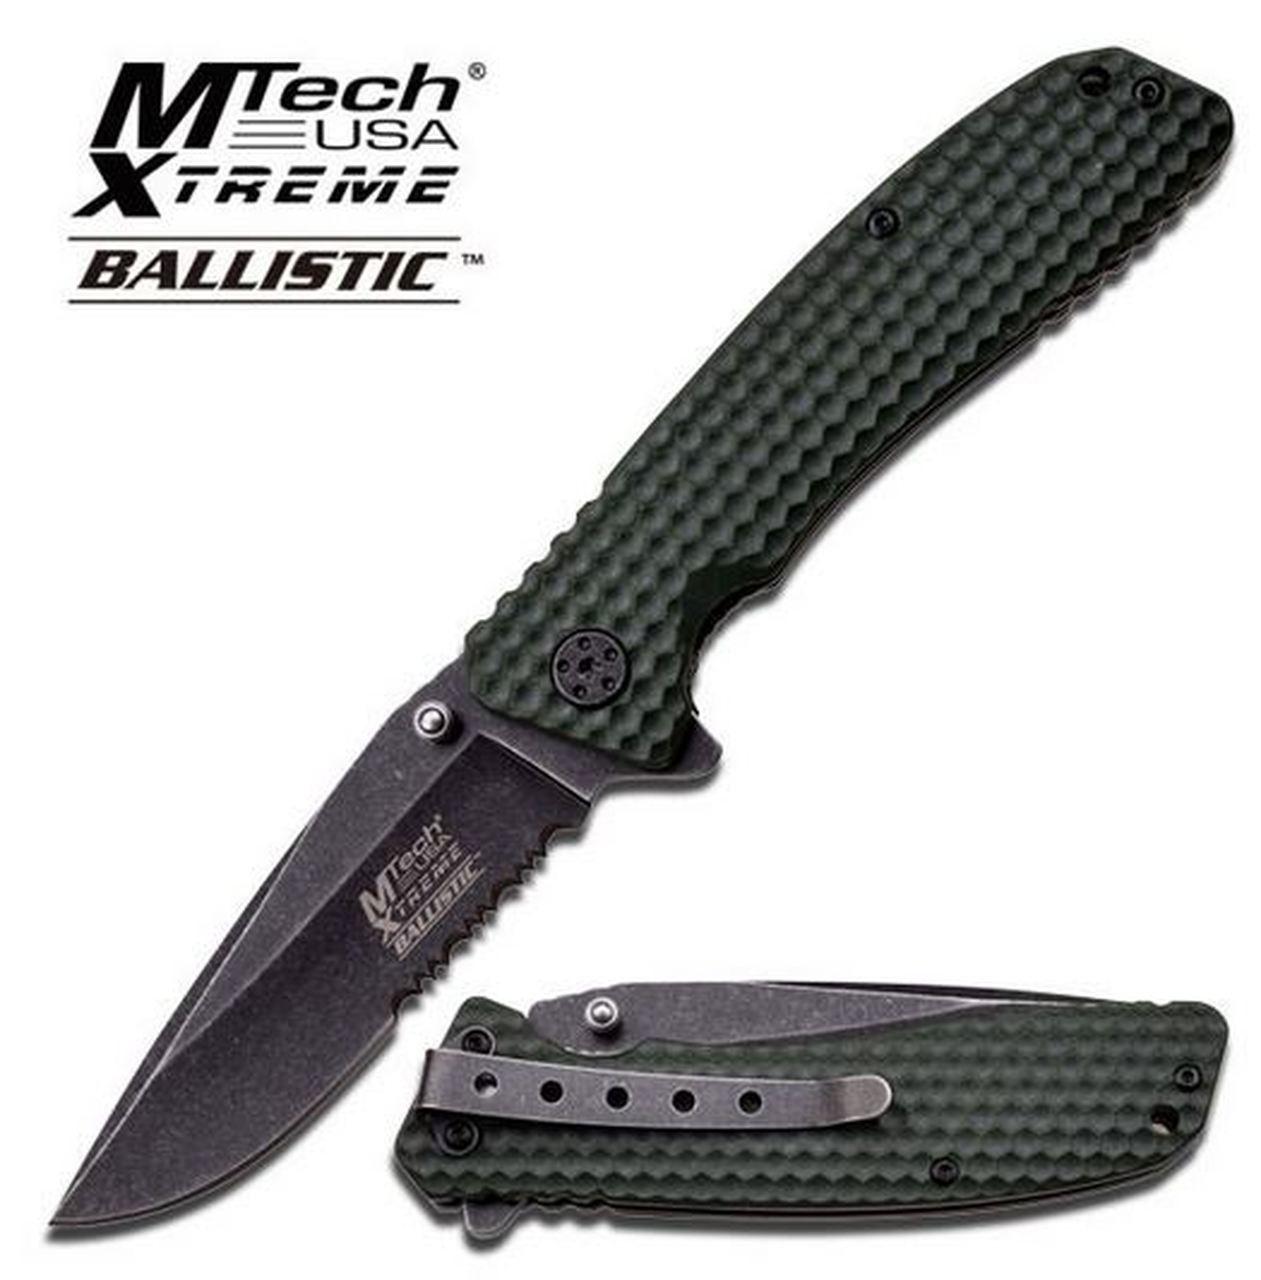 MTech Xtreme Ballistic MTMXA827GN